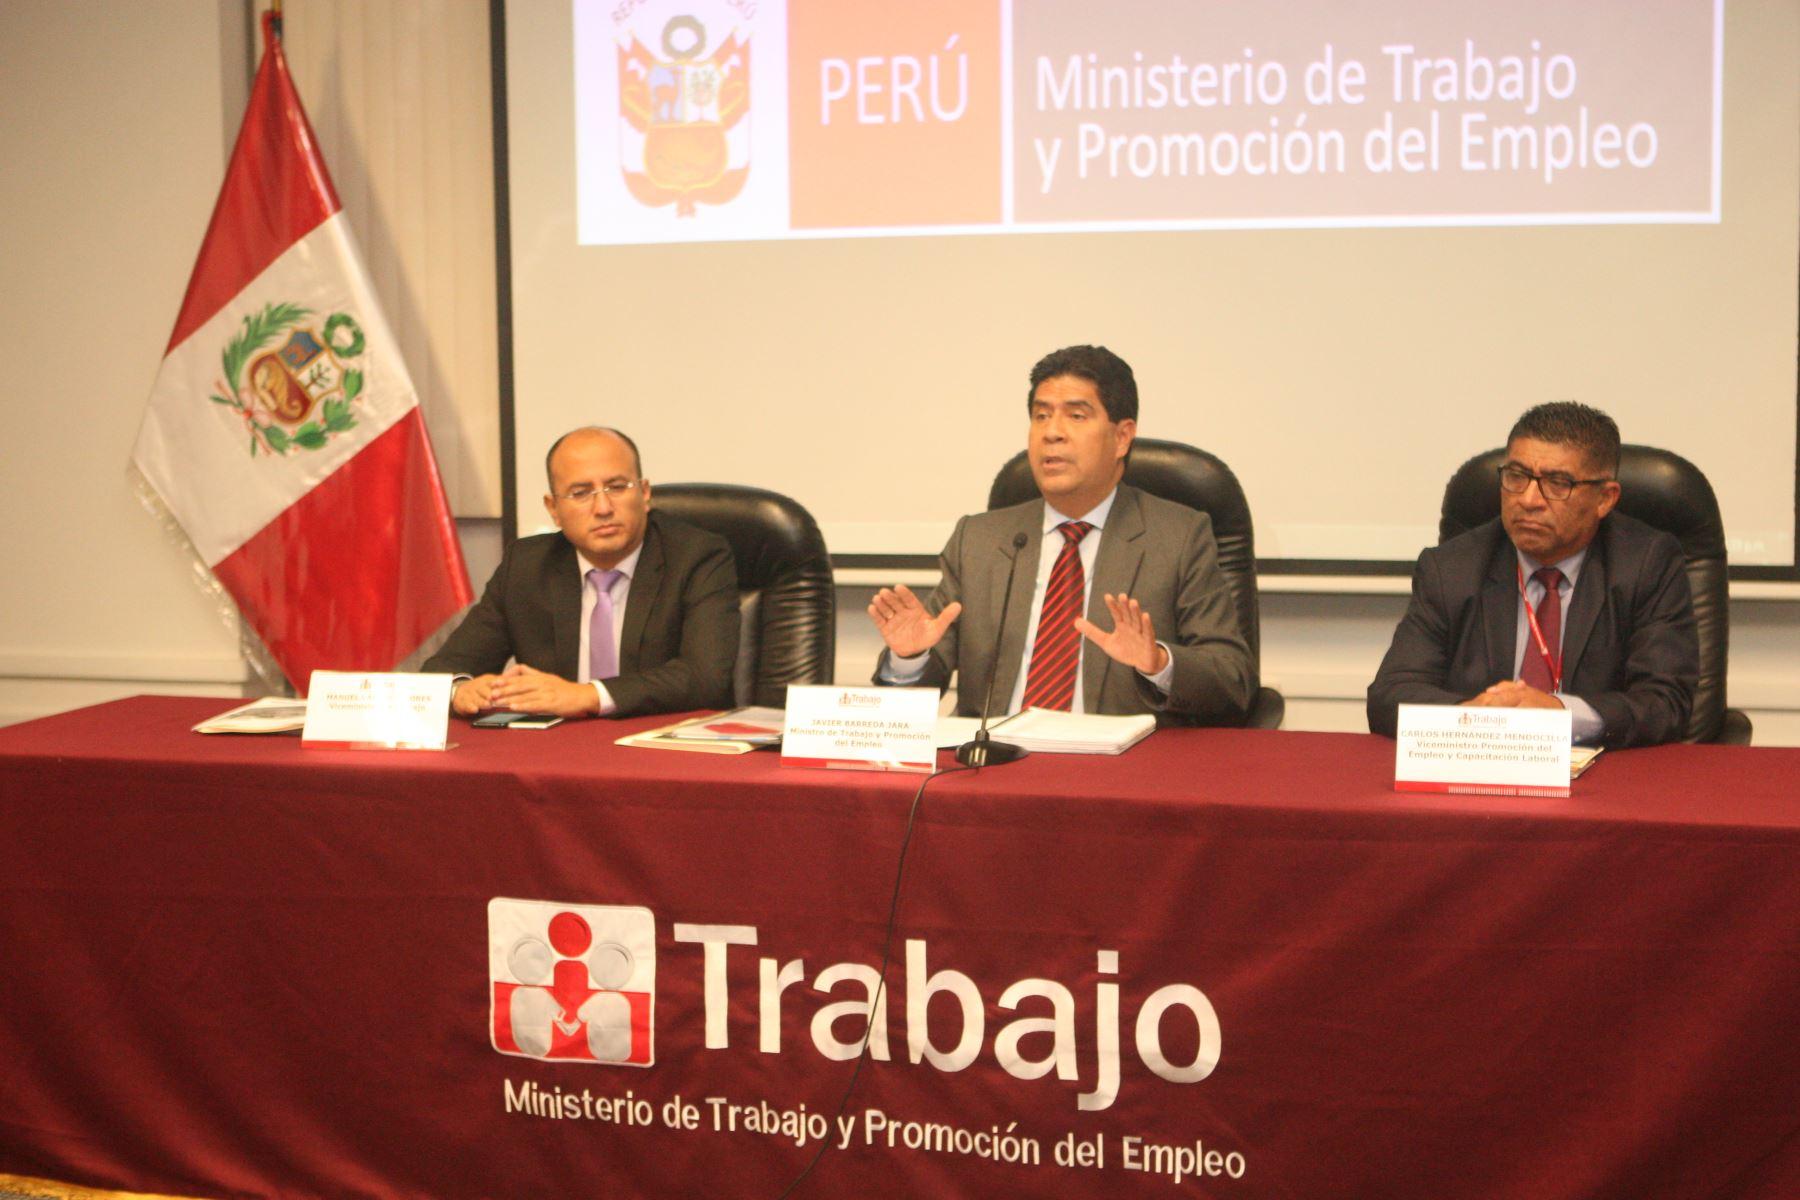 Ministerio de Trabajo espera lograr consenso para subir el sueldo mínimo